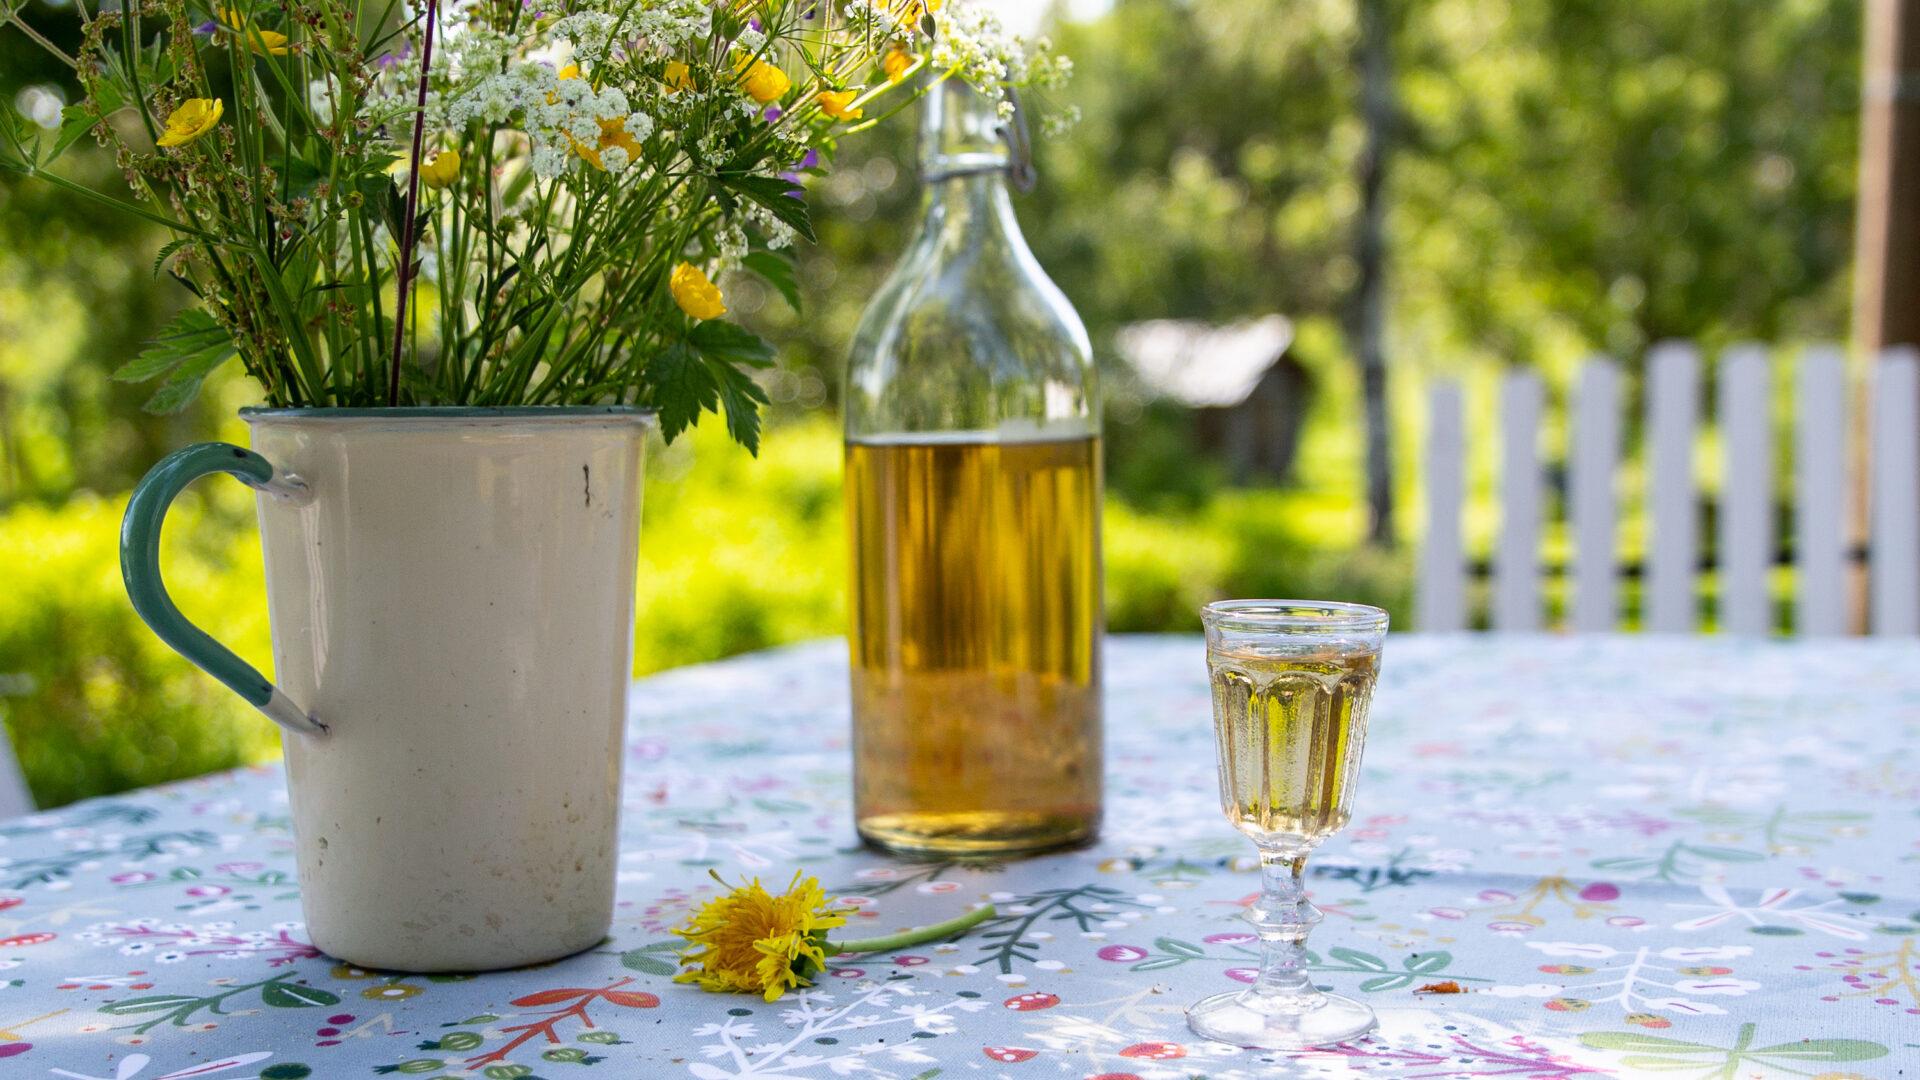 Alcoholic drinks golden shower